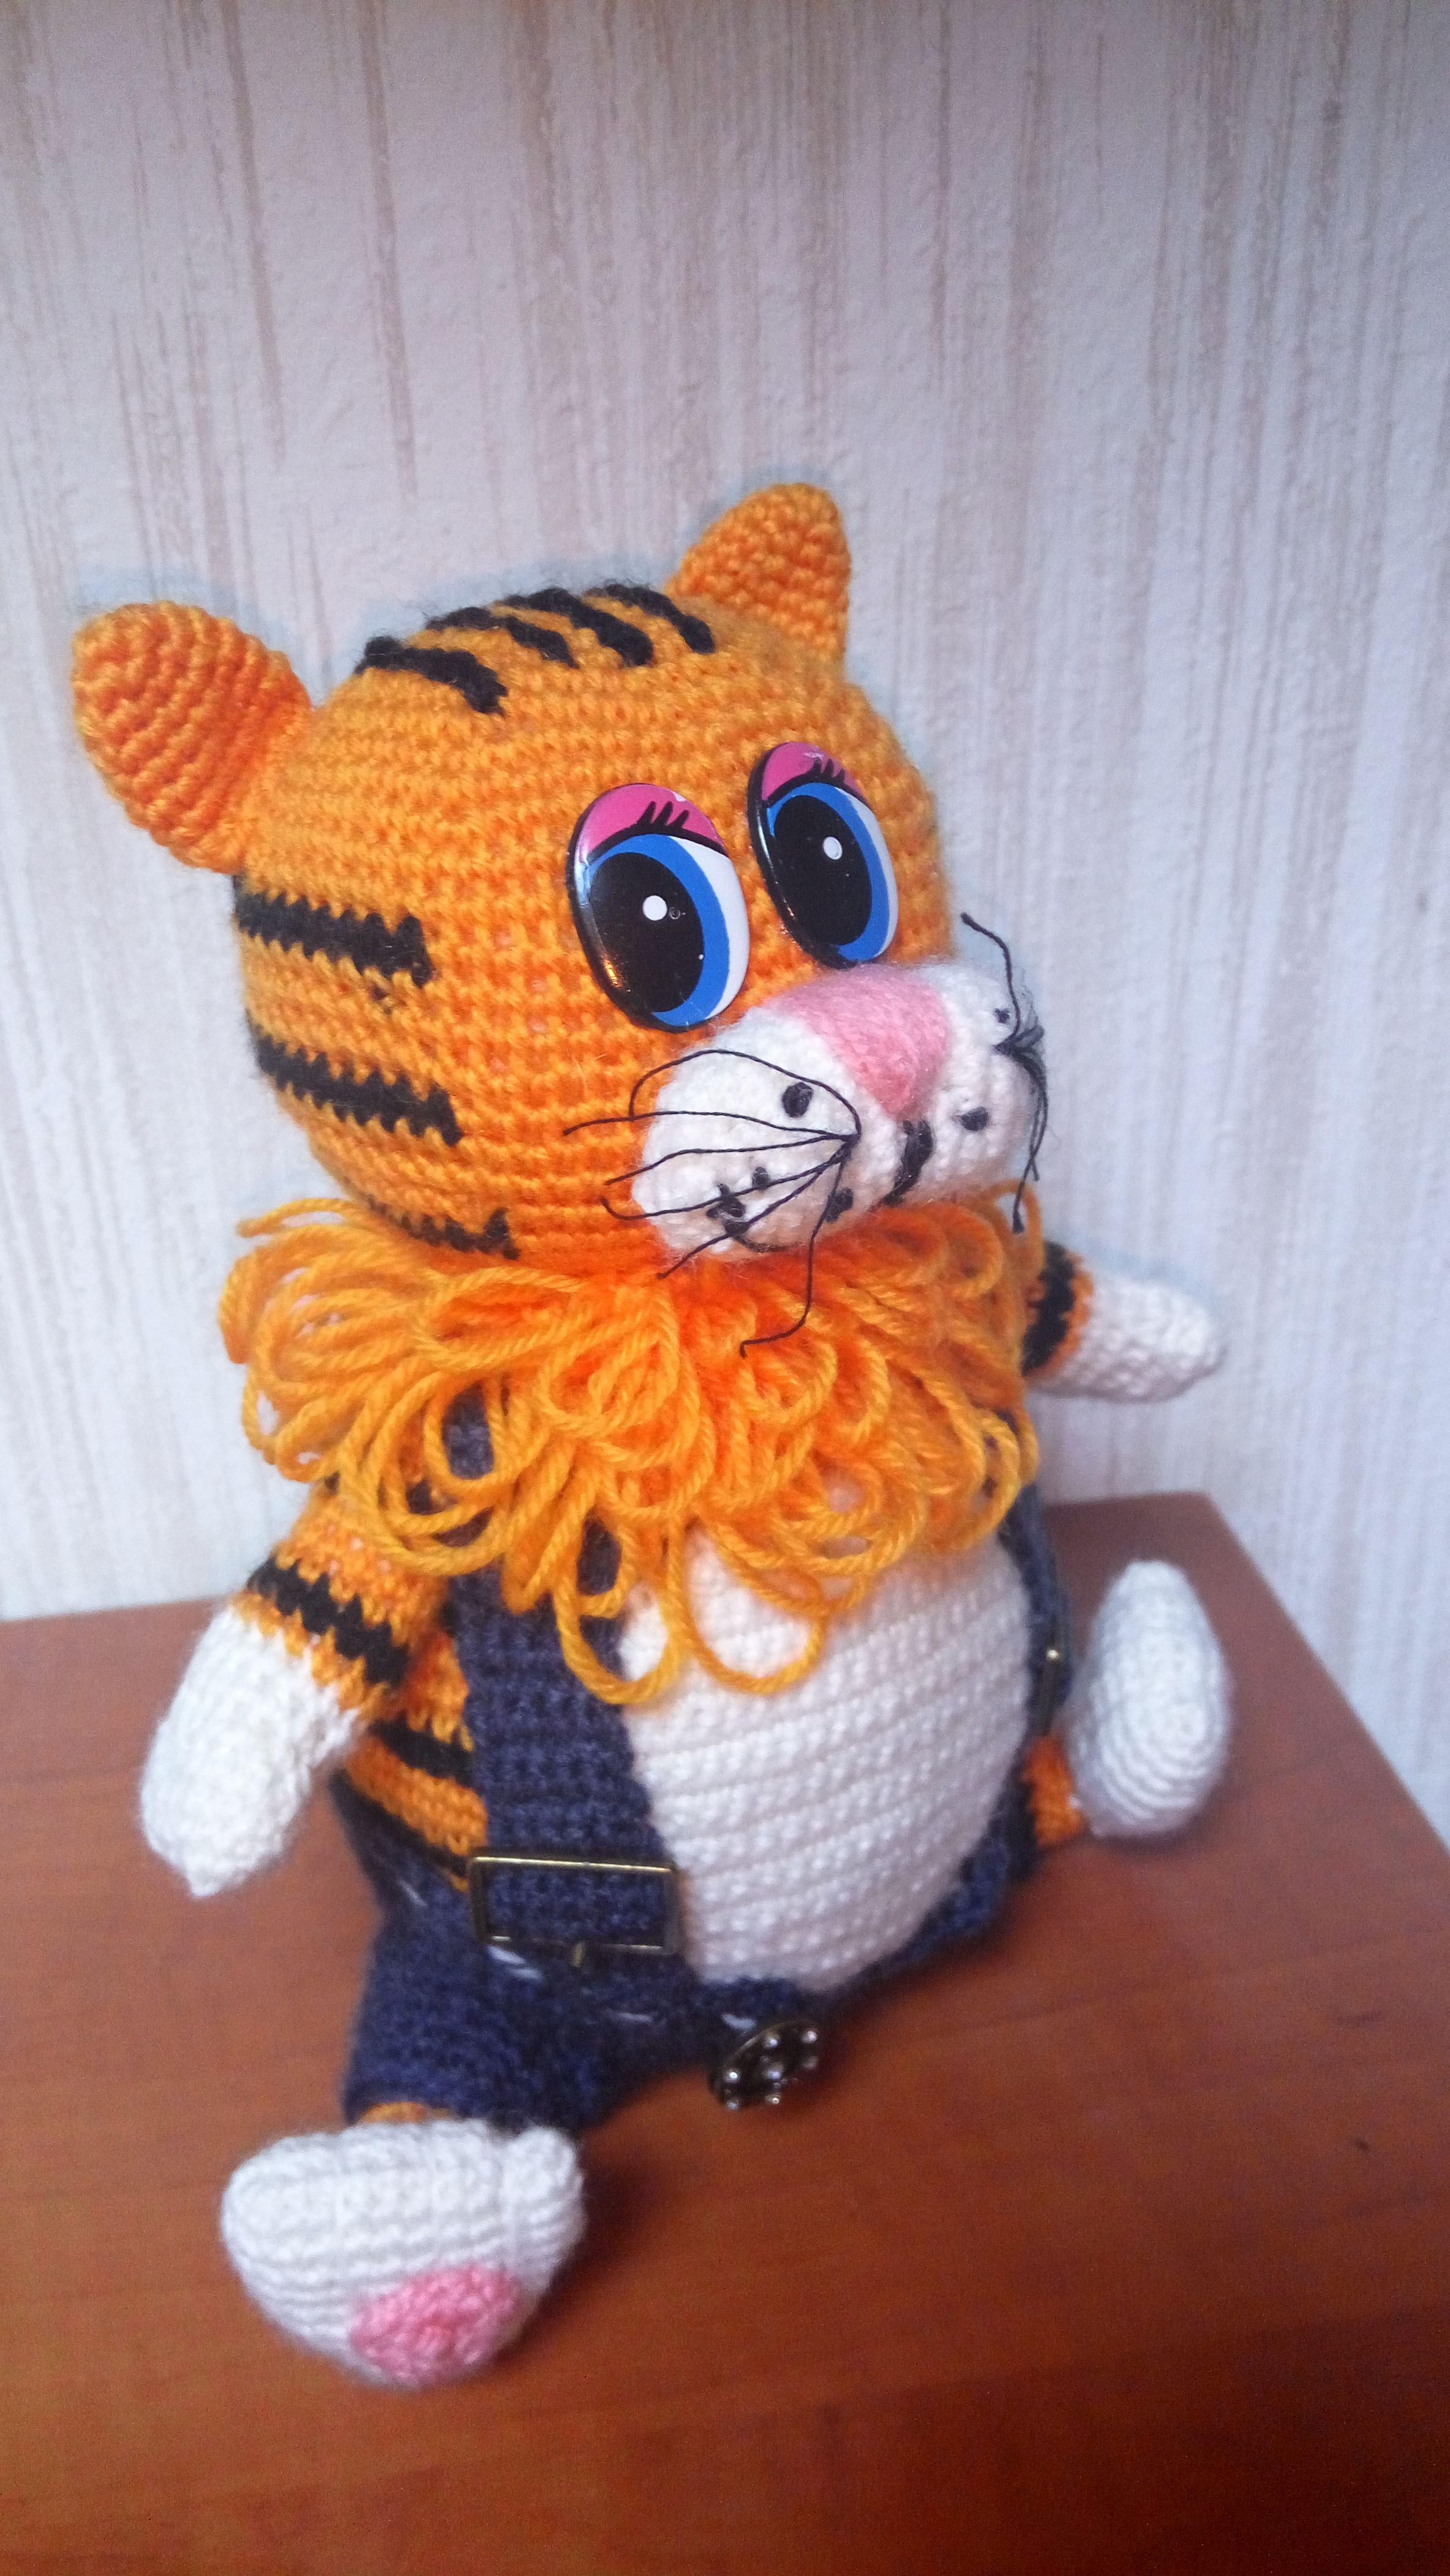 игрушка амигуруми детям вязаная handmade мягкая ручной работы кот